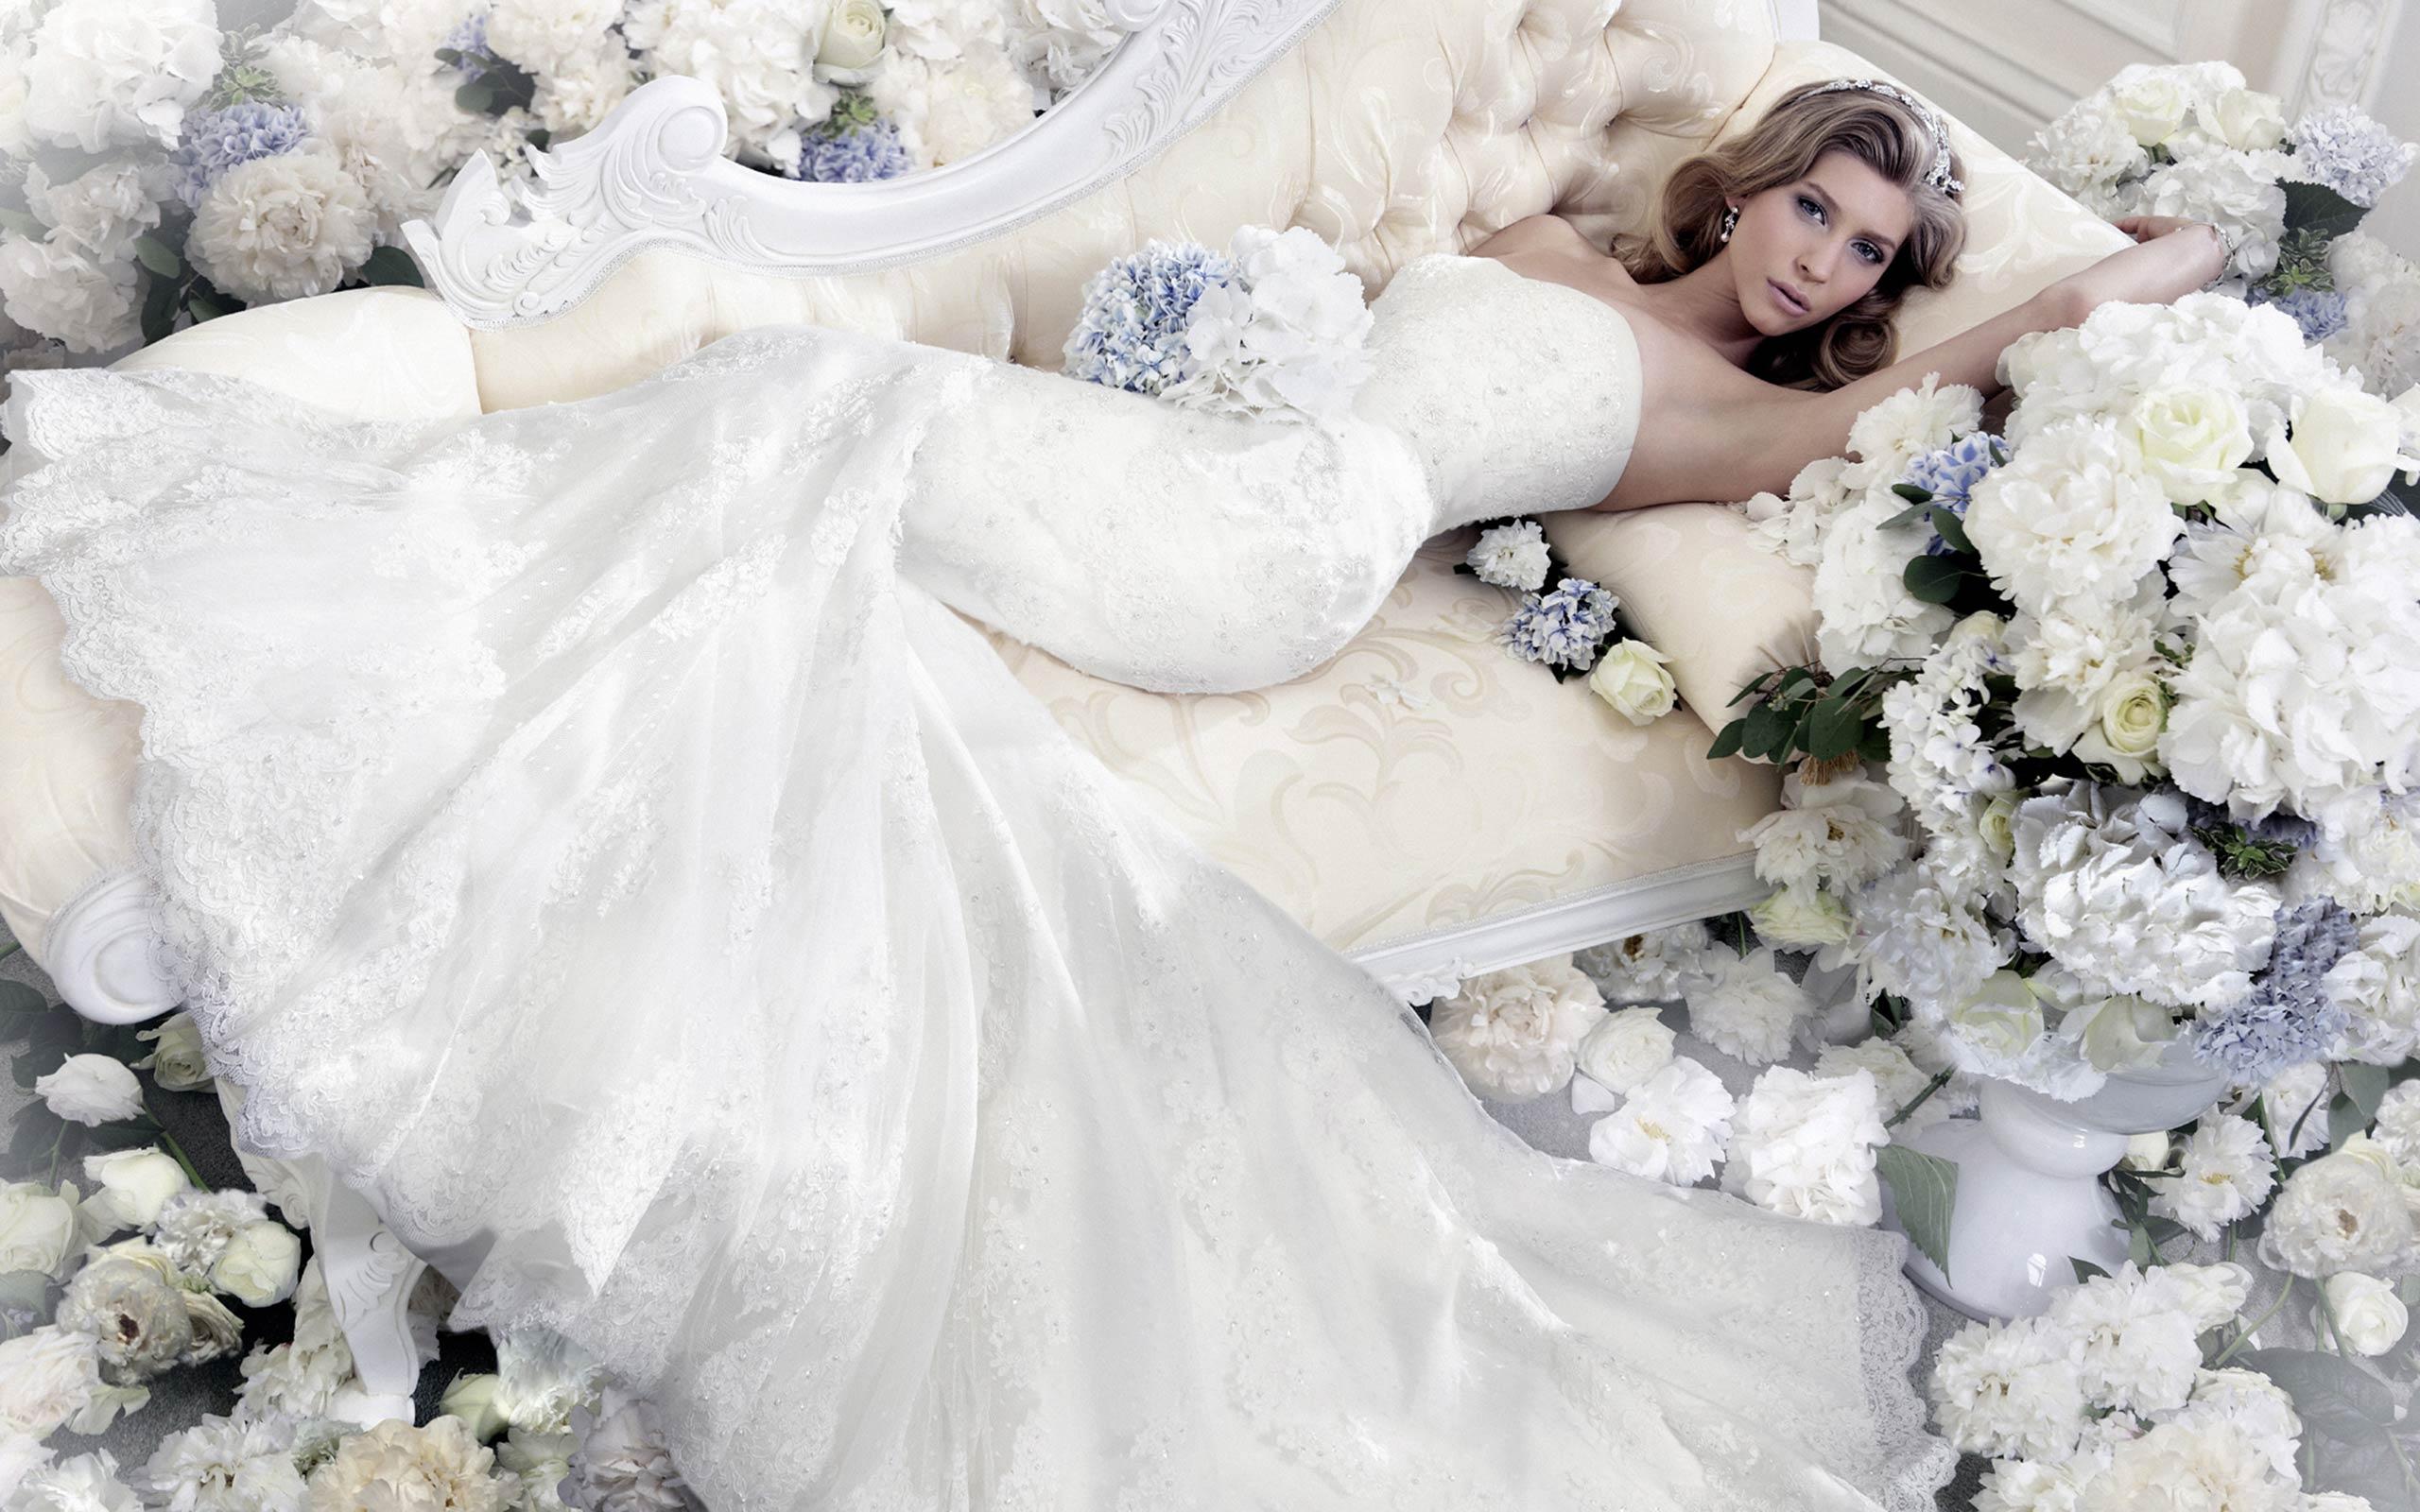 Brautkleider- Sale hat begonnen!